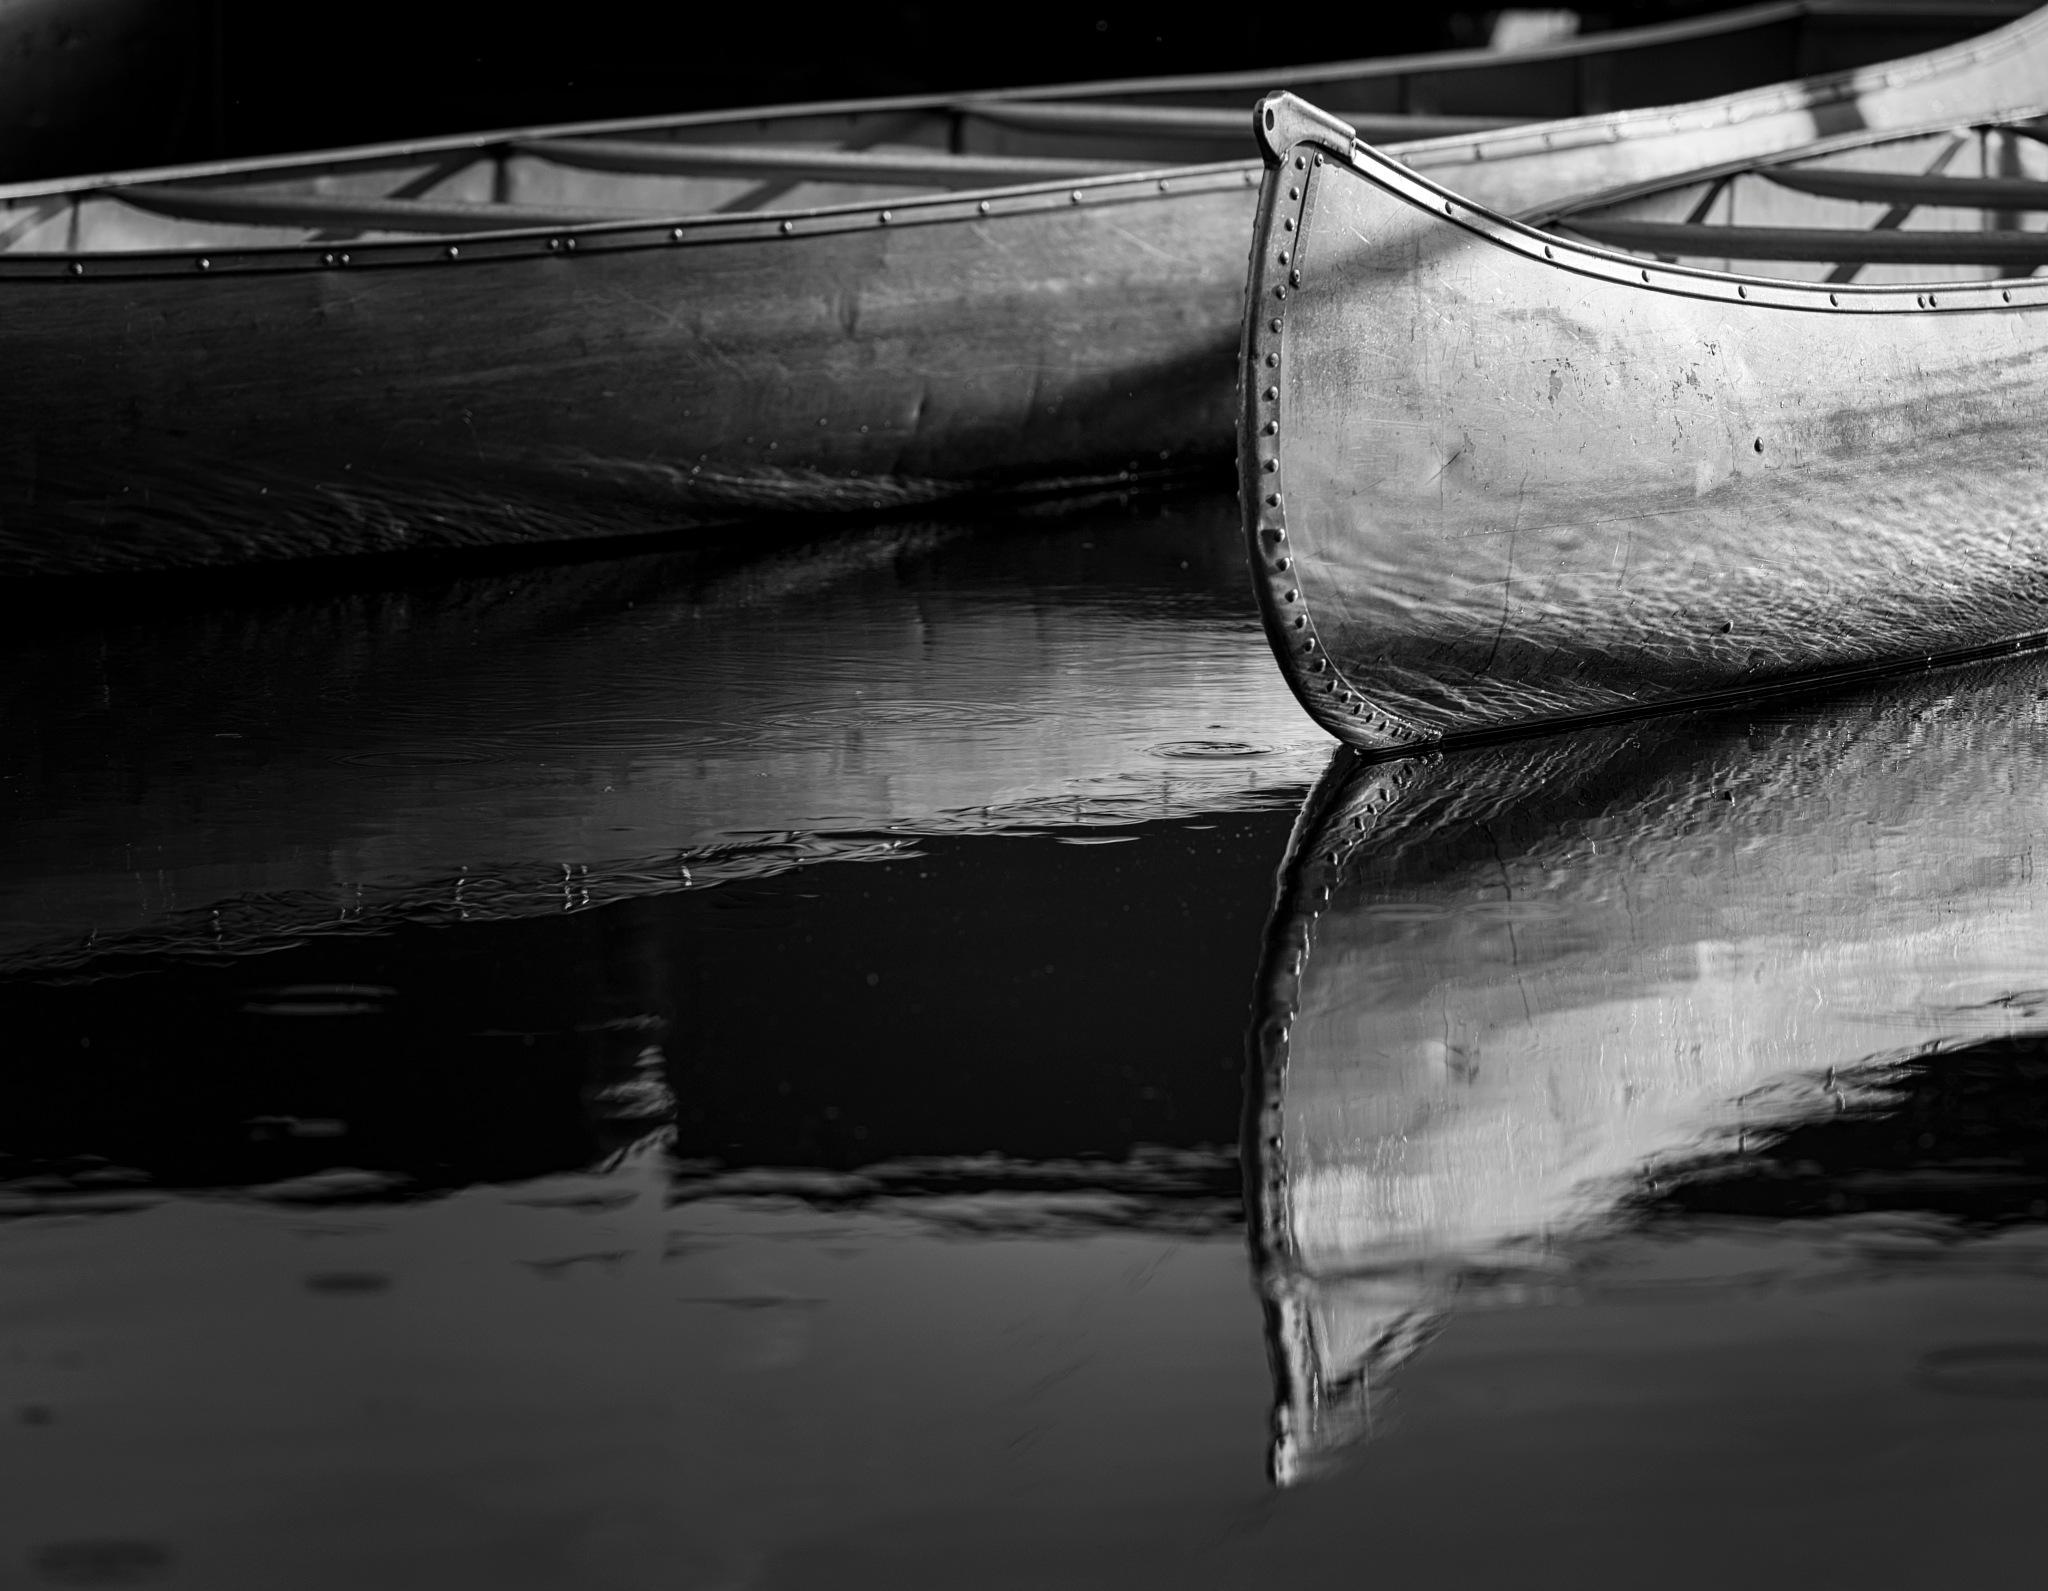 reflections in b&w by Michael Scott